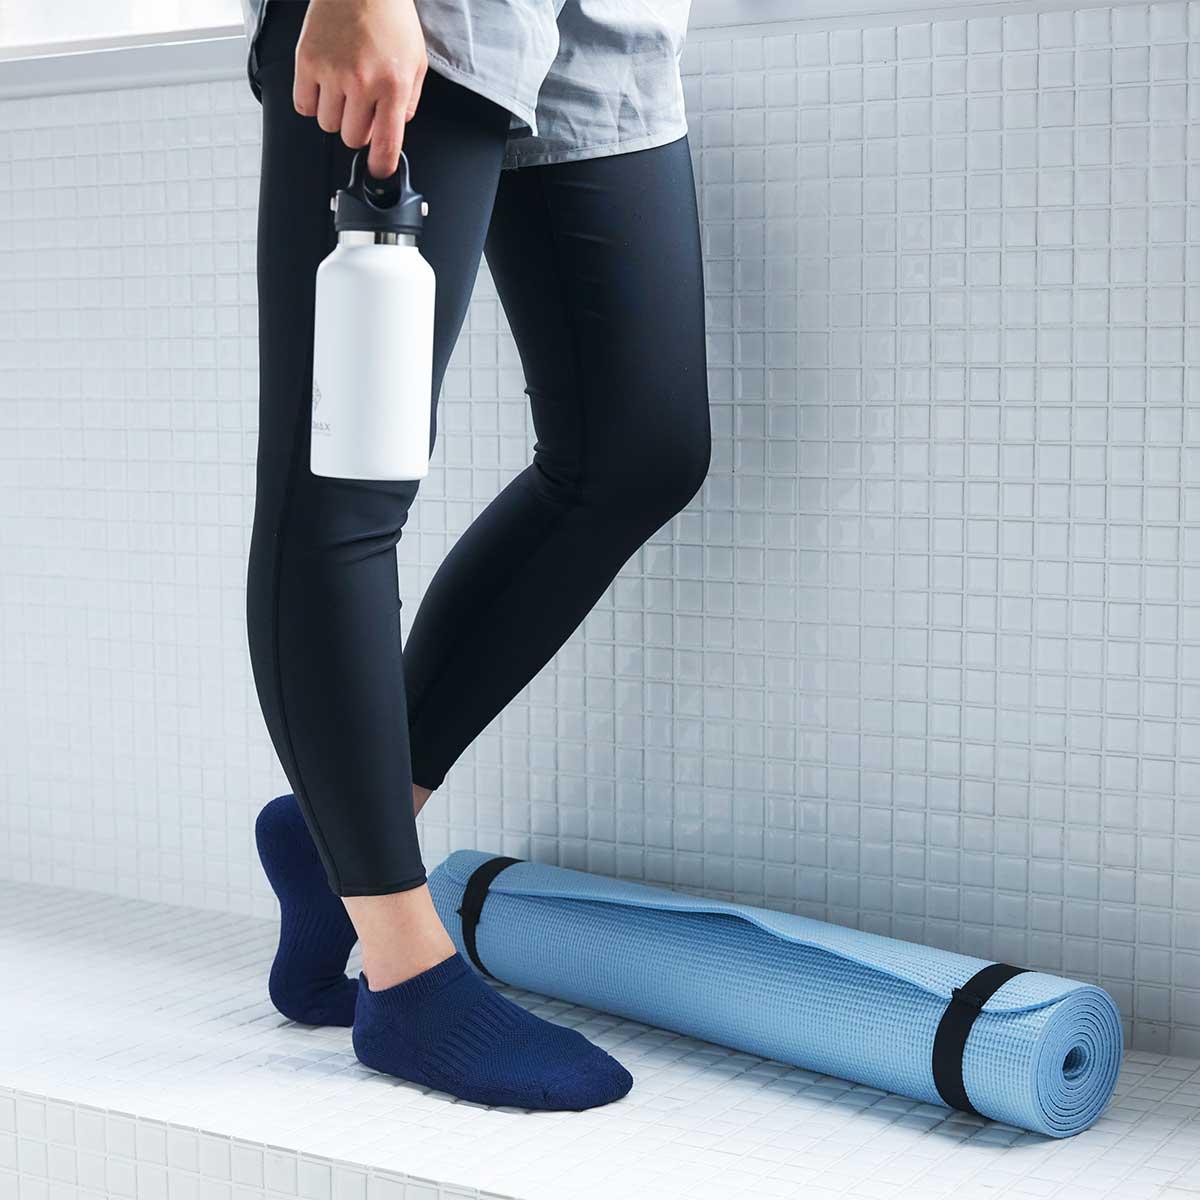 消臭性もあるから、汗のニオイが気になりにくい|消臭効果、サラサラ効果が続く、美濃和紙を使った和紙靴下・和紙ソックス